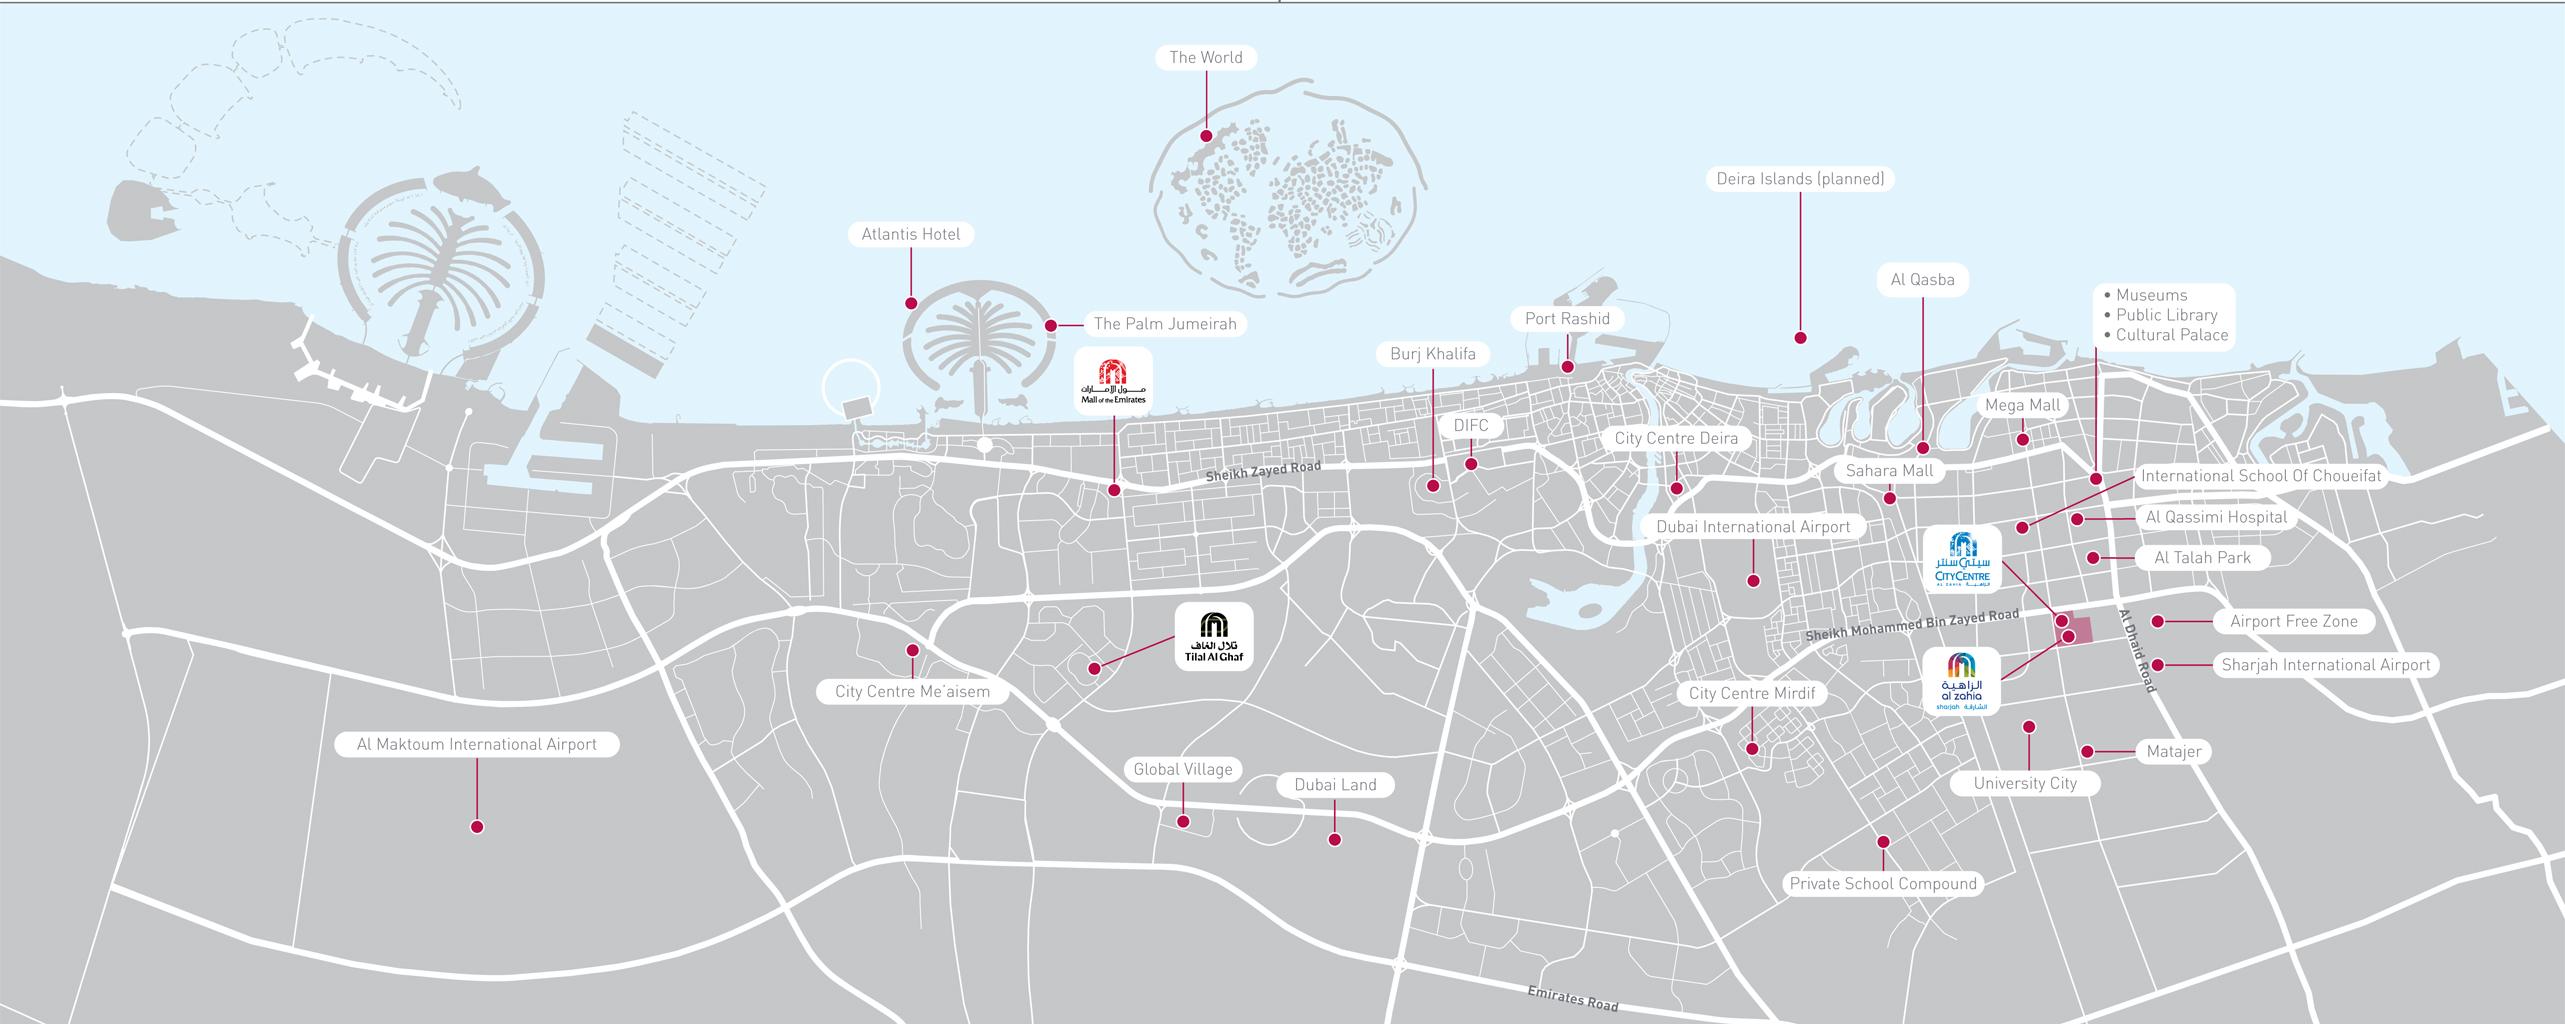 الياسمين-في-الزاهية خريطة الموقع